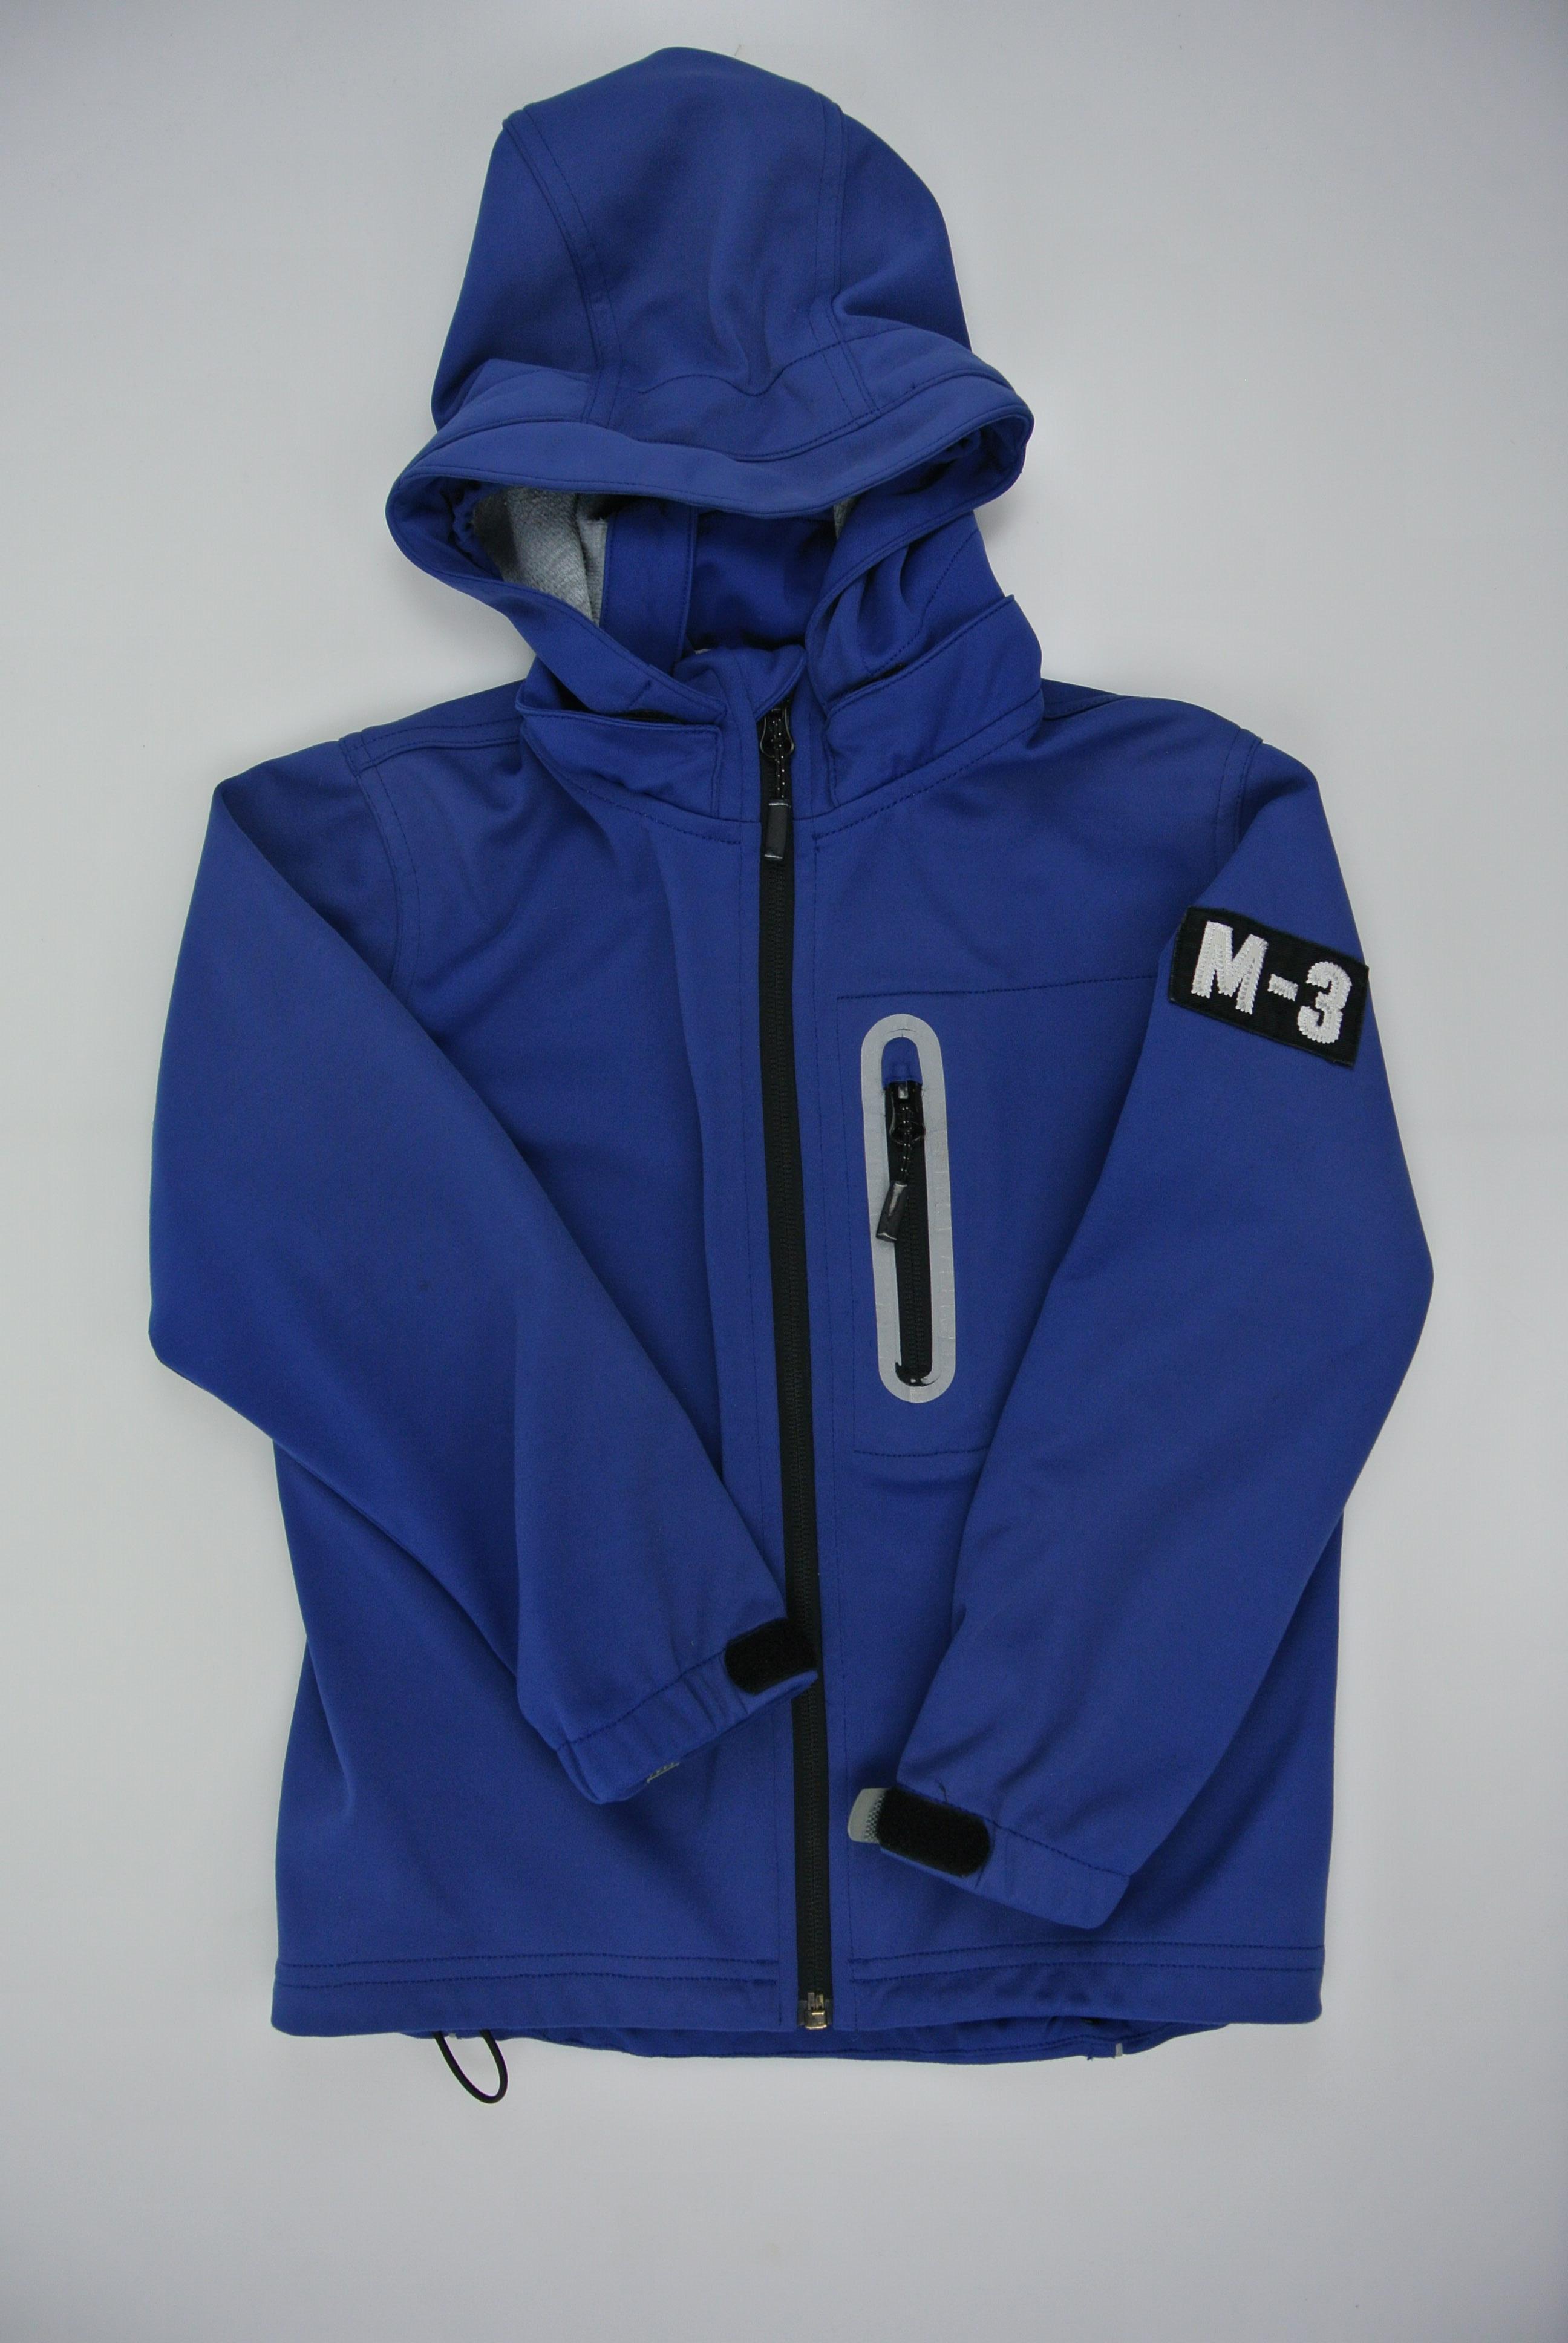 Molo jakke str 122 dreng